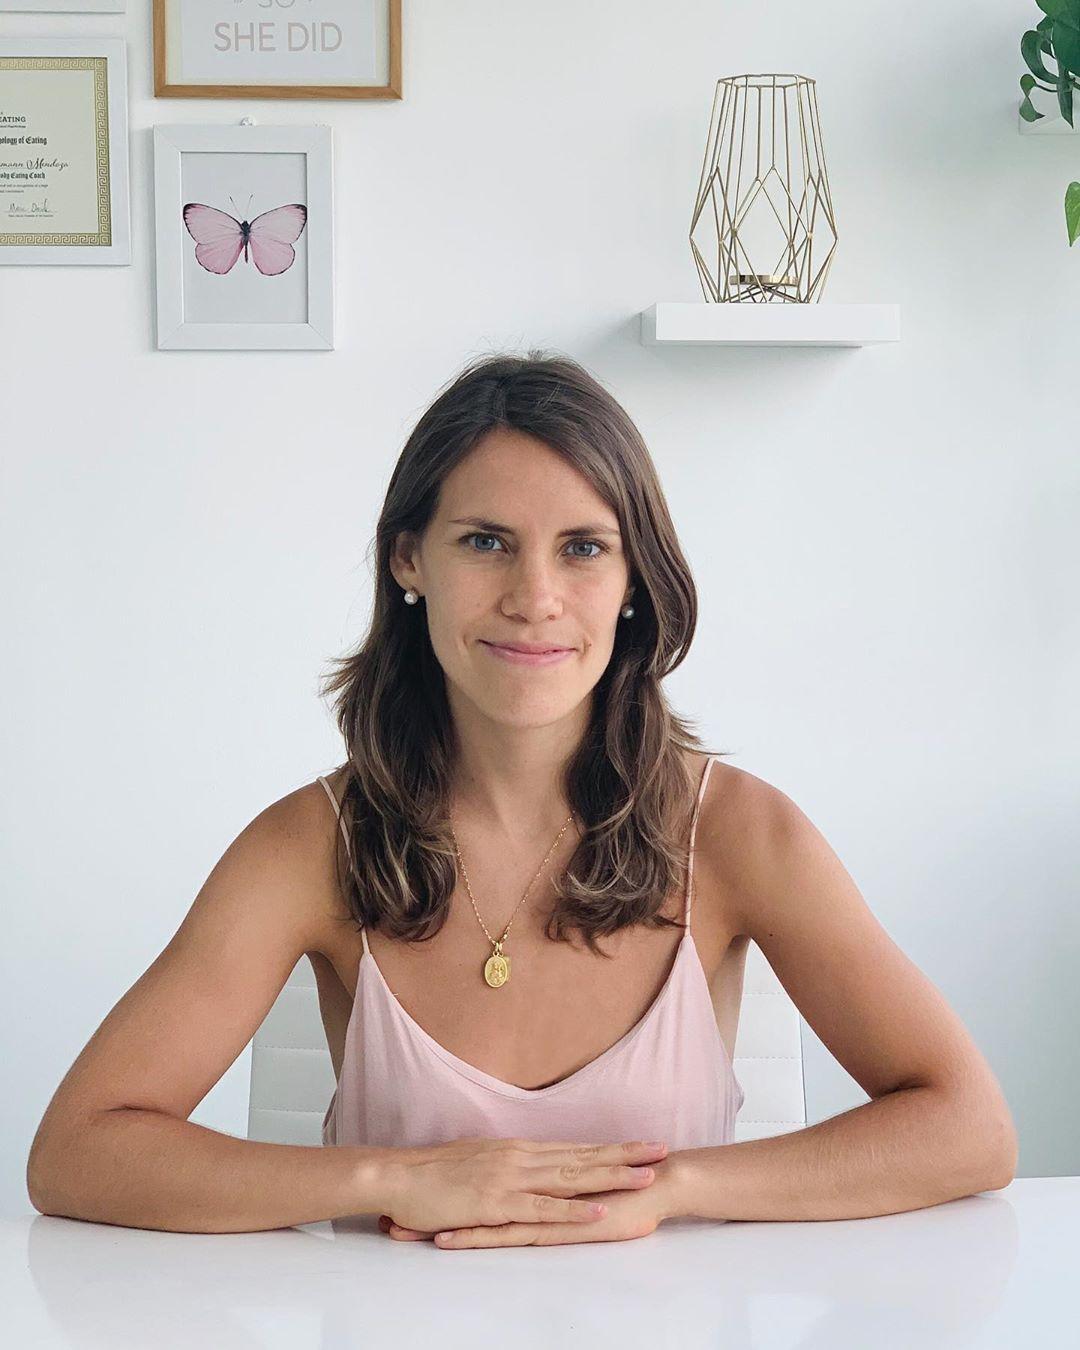 Astrid Beuermann health coach